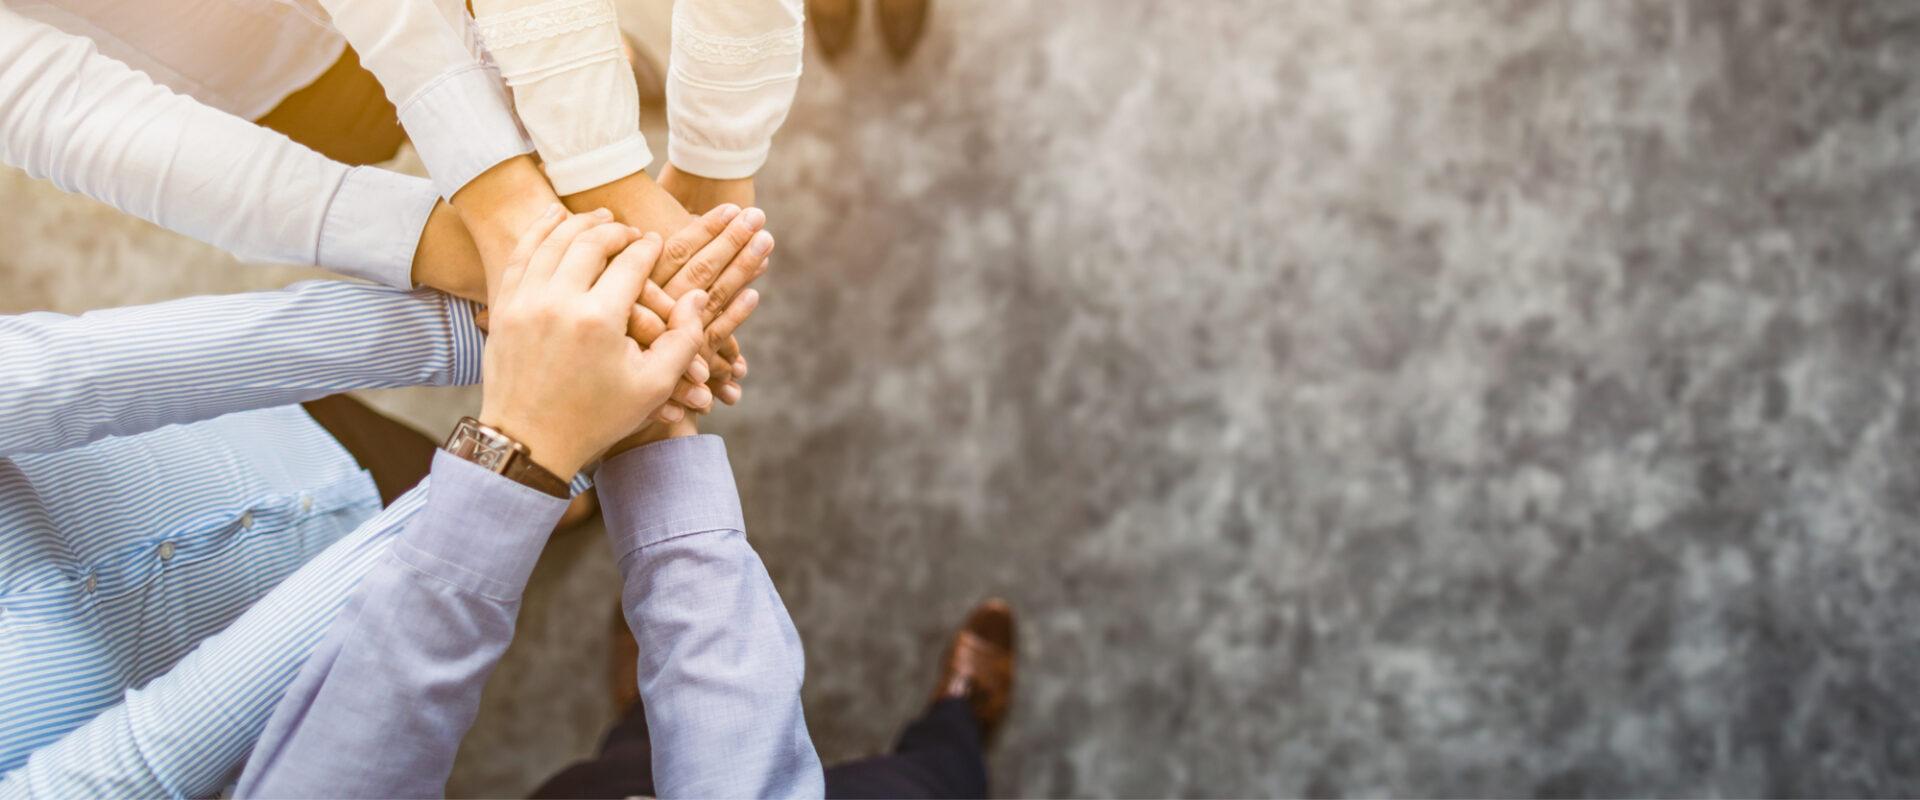 Teamwork e lavoro di squadra - Cittamoderna investimenti immobiliari